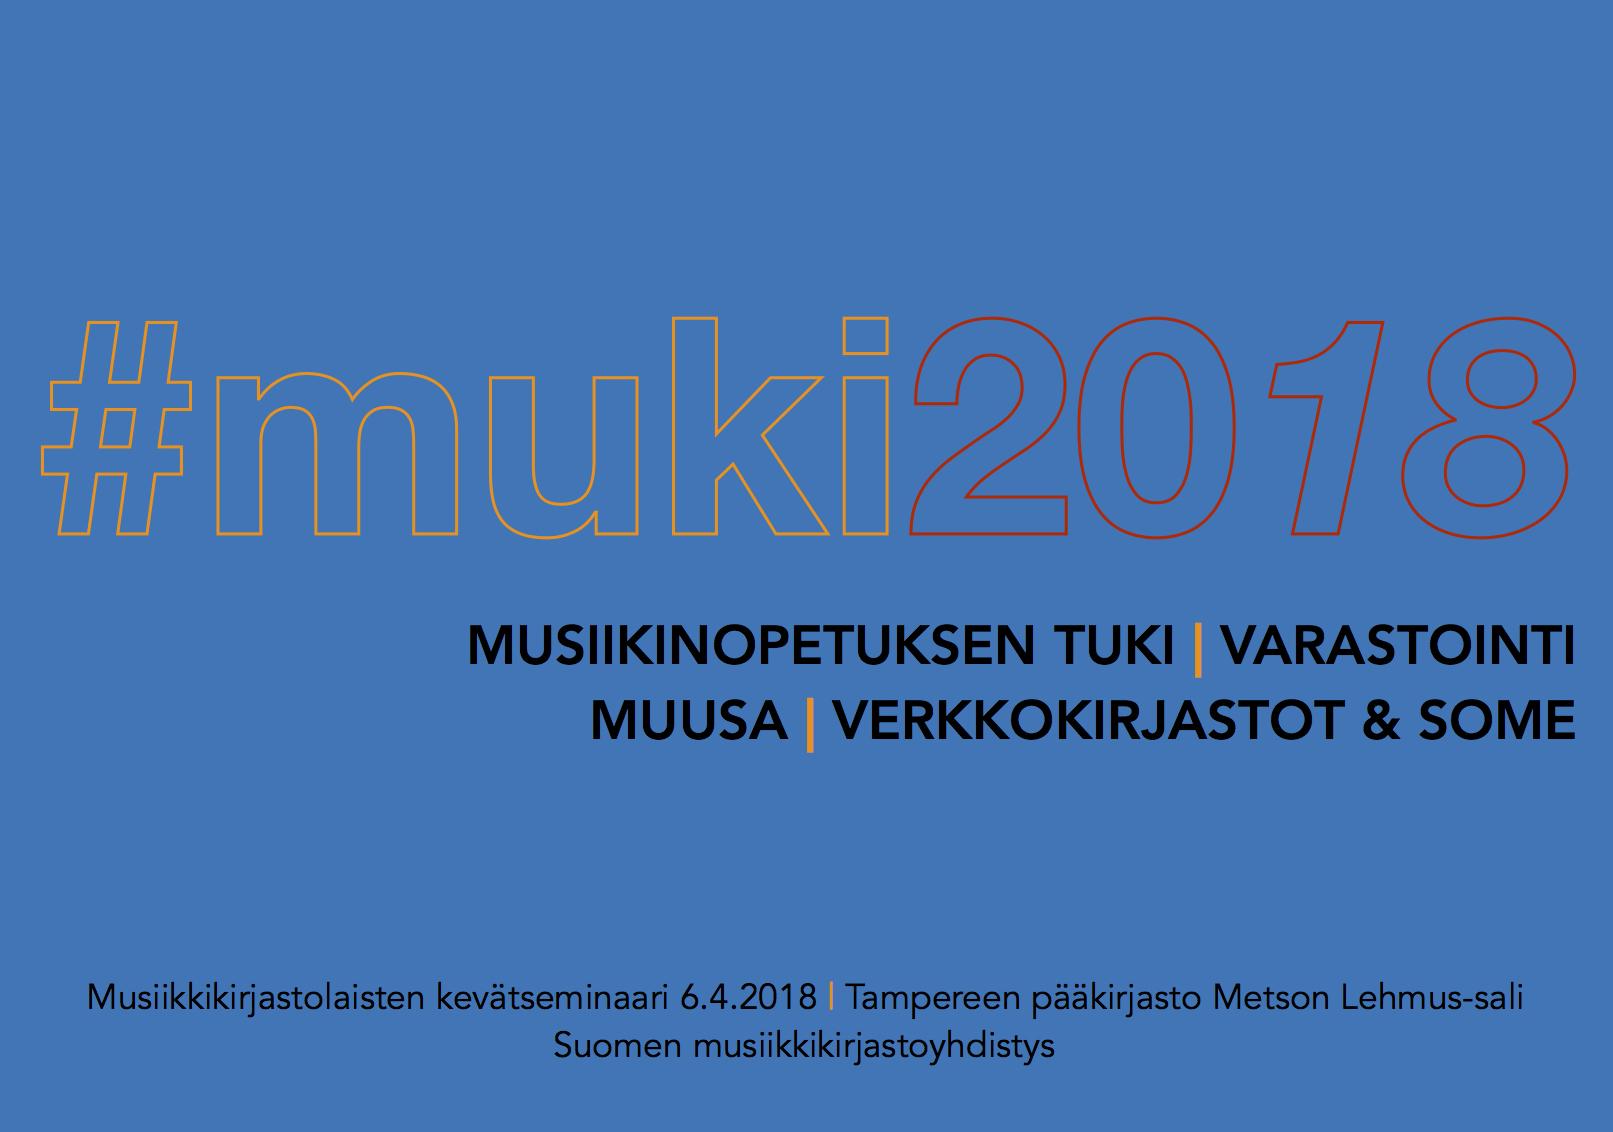 Musiikkikirjastoyhdistyksen perinteinen kevatseminaari pidettiin totutusti Tampereen Metsossa.